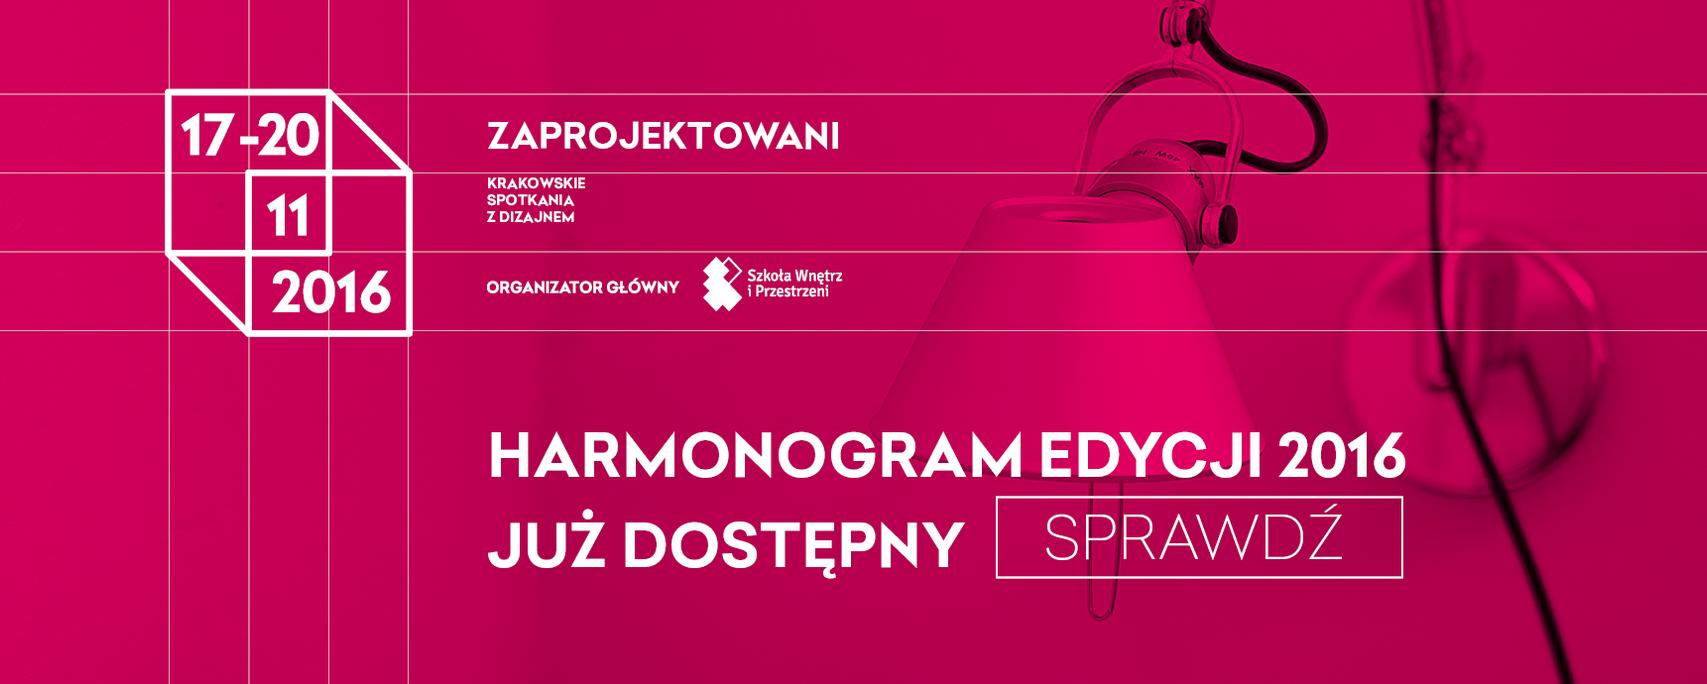 Zaprojektowani   |19.11 Kraków |   Wykład i Warsztaty pCon.planner